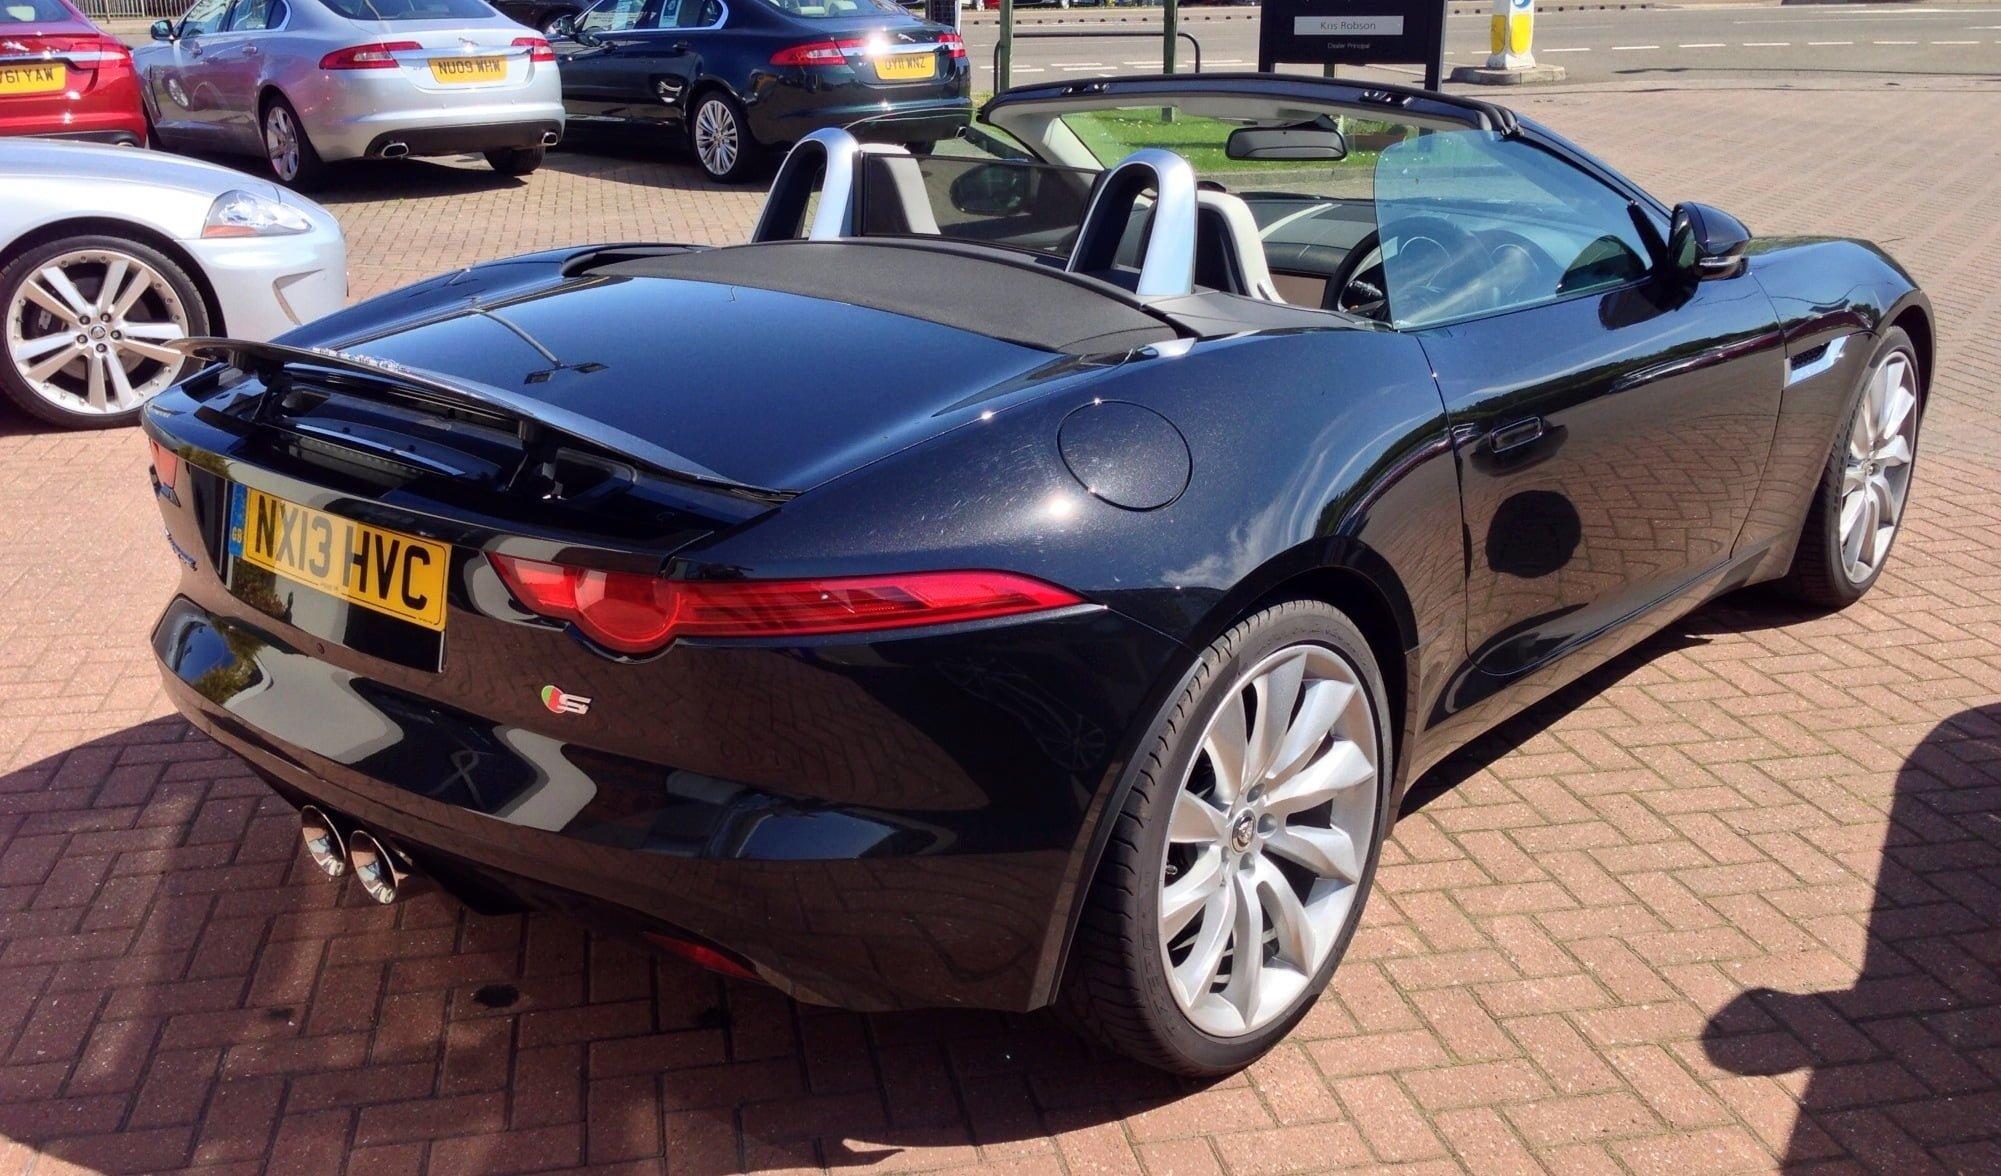 Jaguar F-Type, 3.0L V6 Supercharged, Black, Back